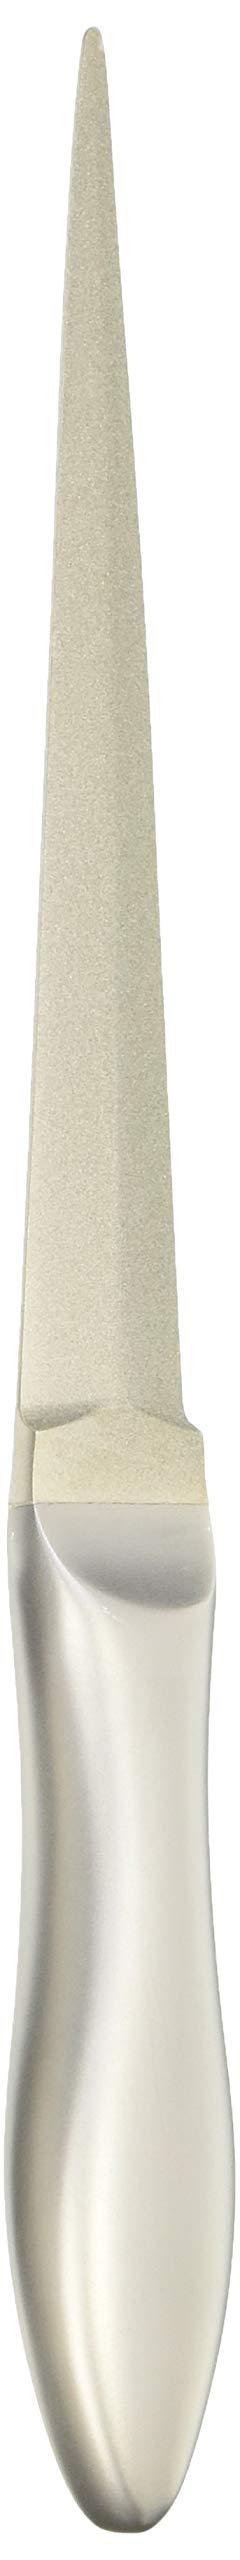 Verdun(ヴェルダン) ダイヤモンドシャープナー OVD-174の商品画像